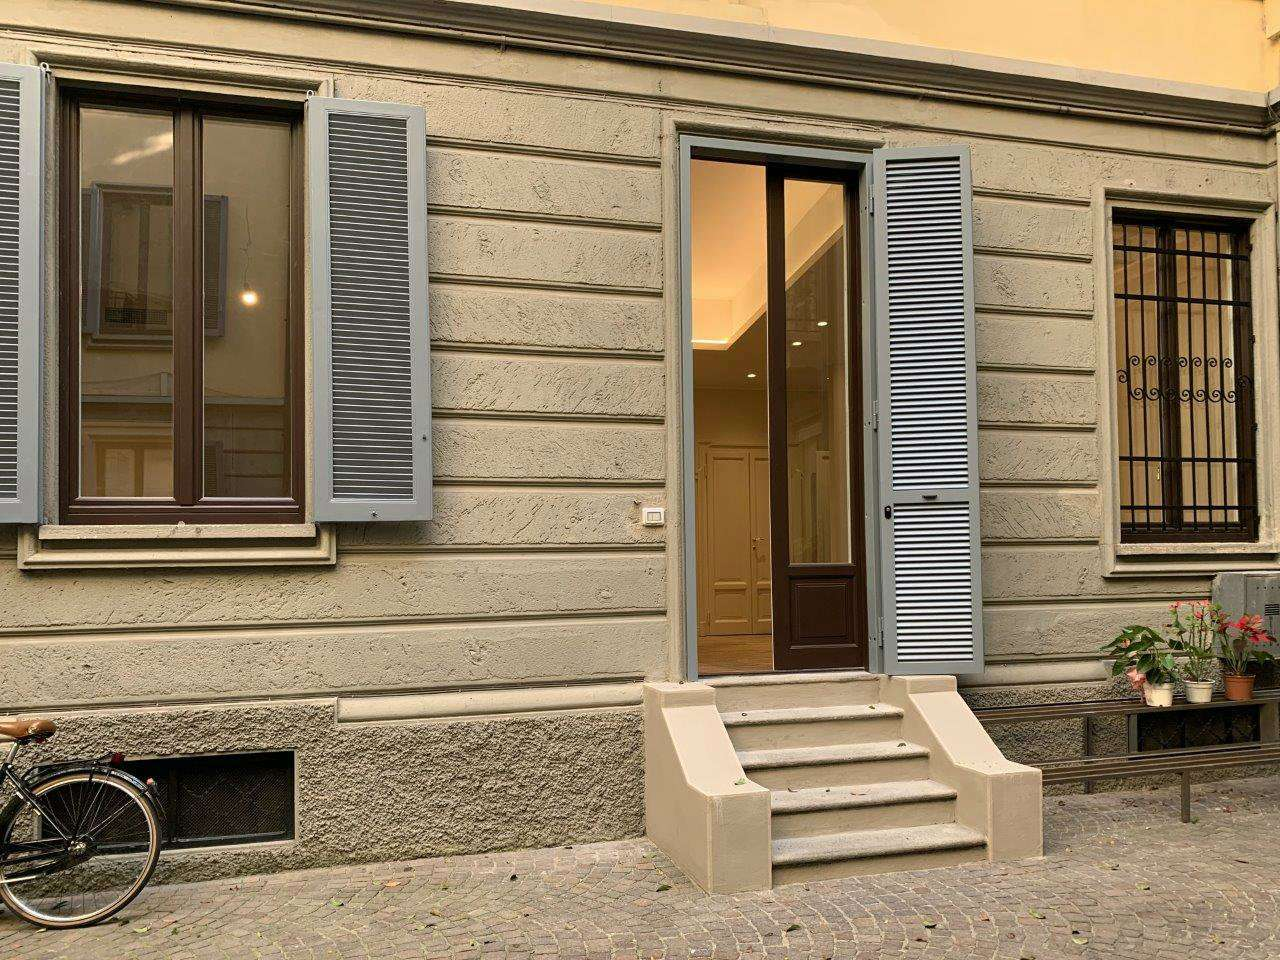 Ufficio-studio in Affitto a Milano 03 Venezia / Piave / Buenos Aires: 3 locali, 80 mq